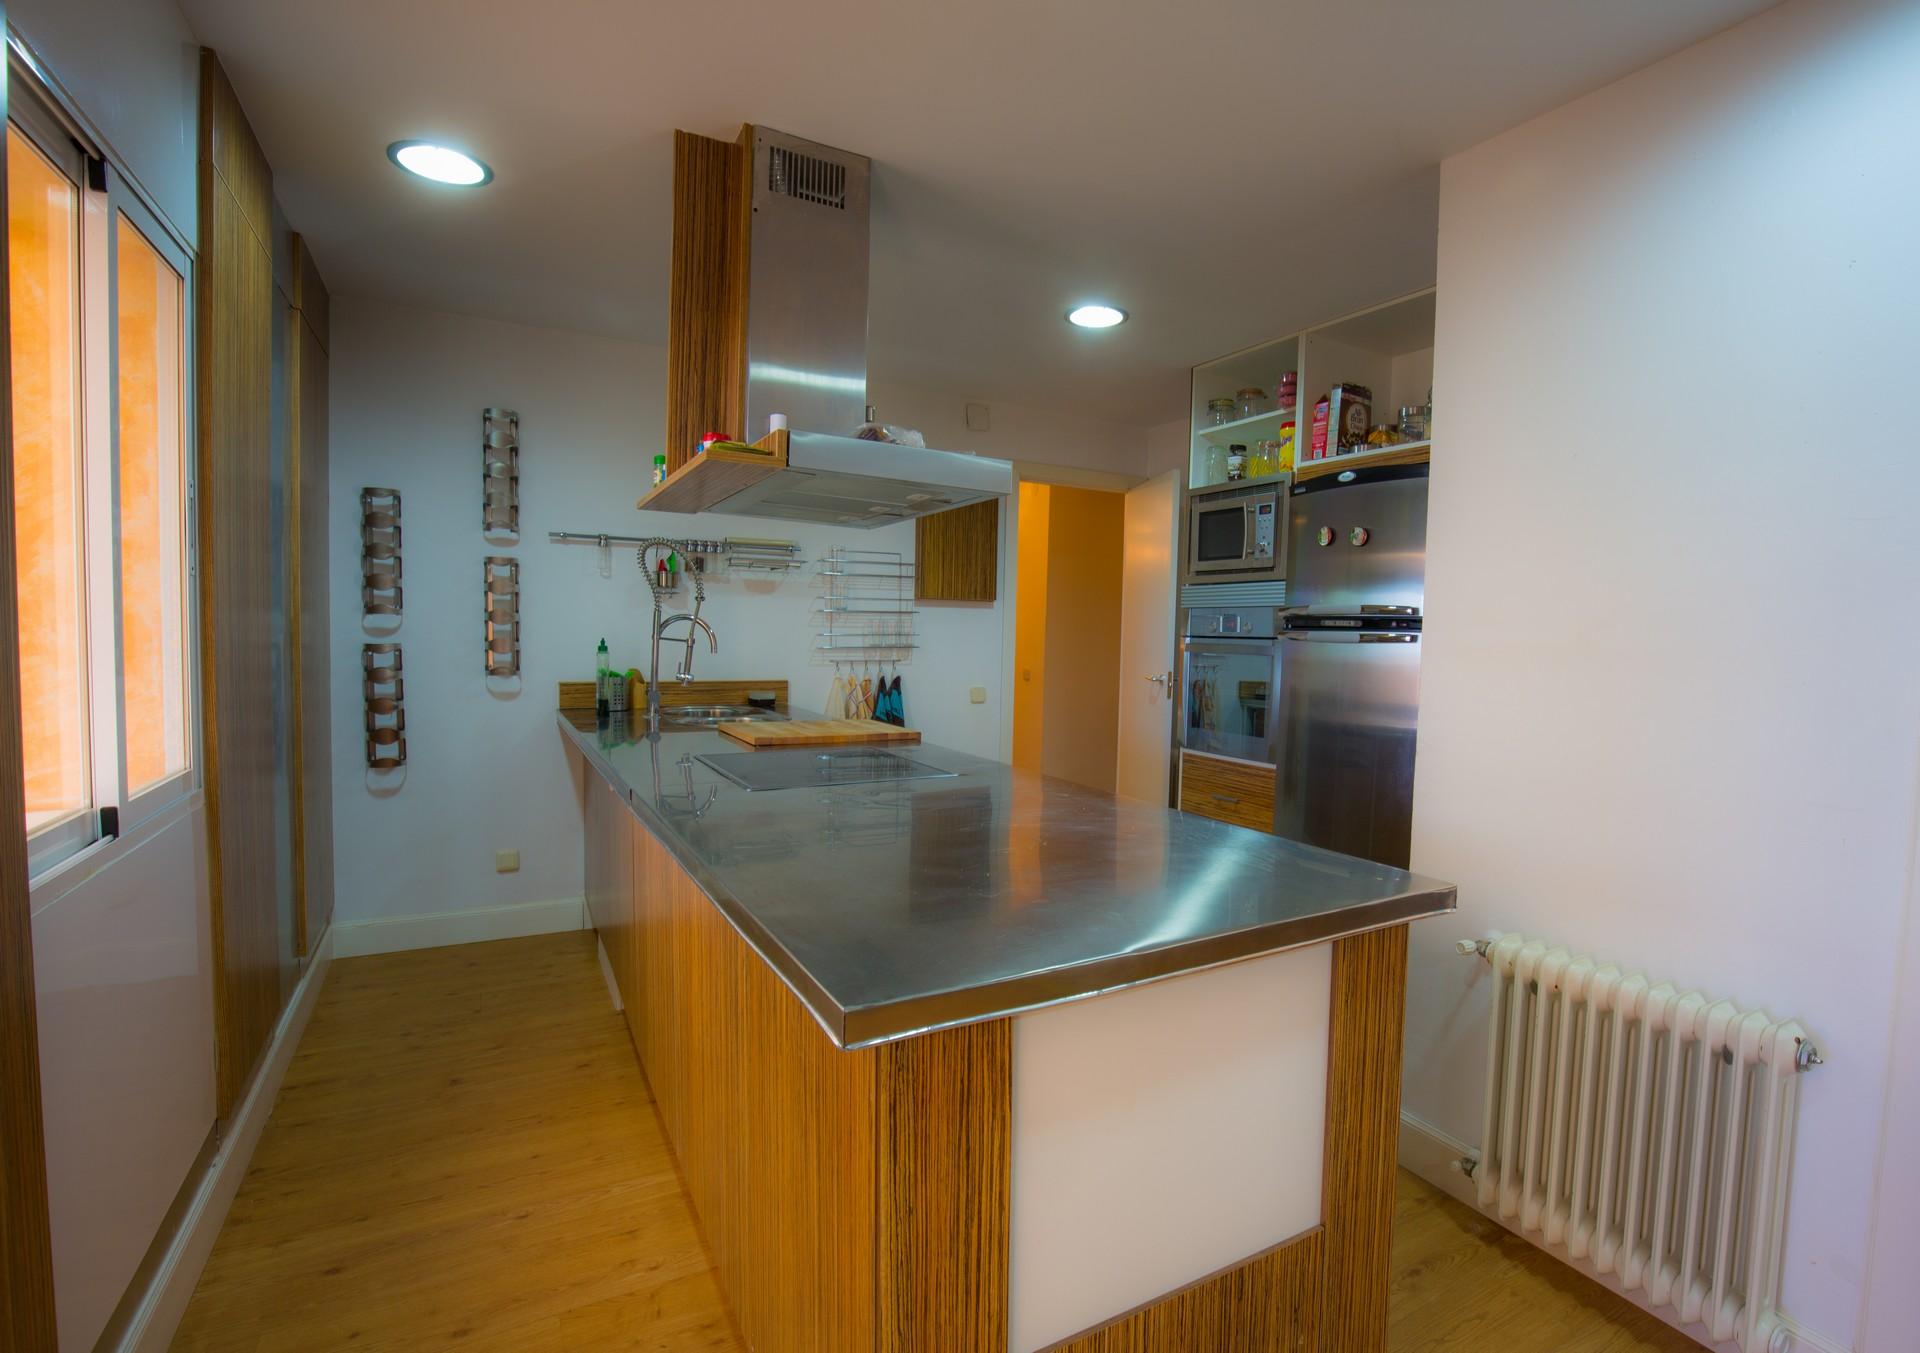 Cocina casa rural villazorita - Cocina casa rural ...